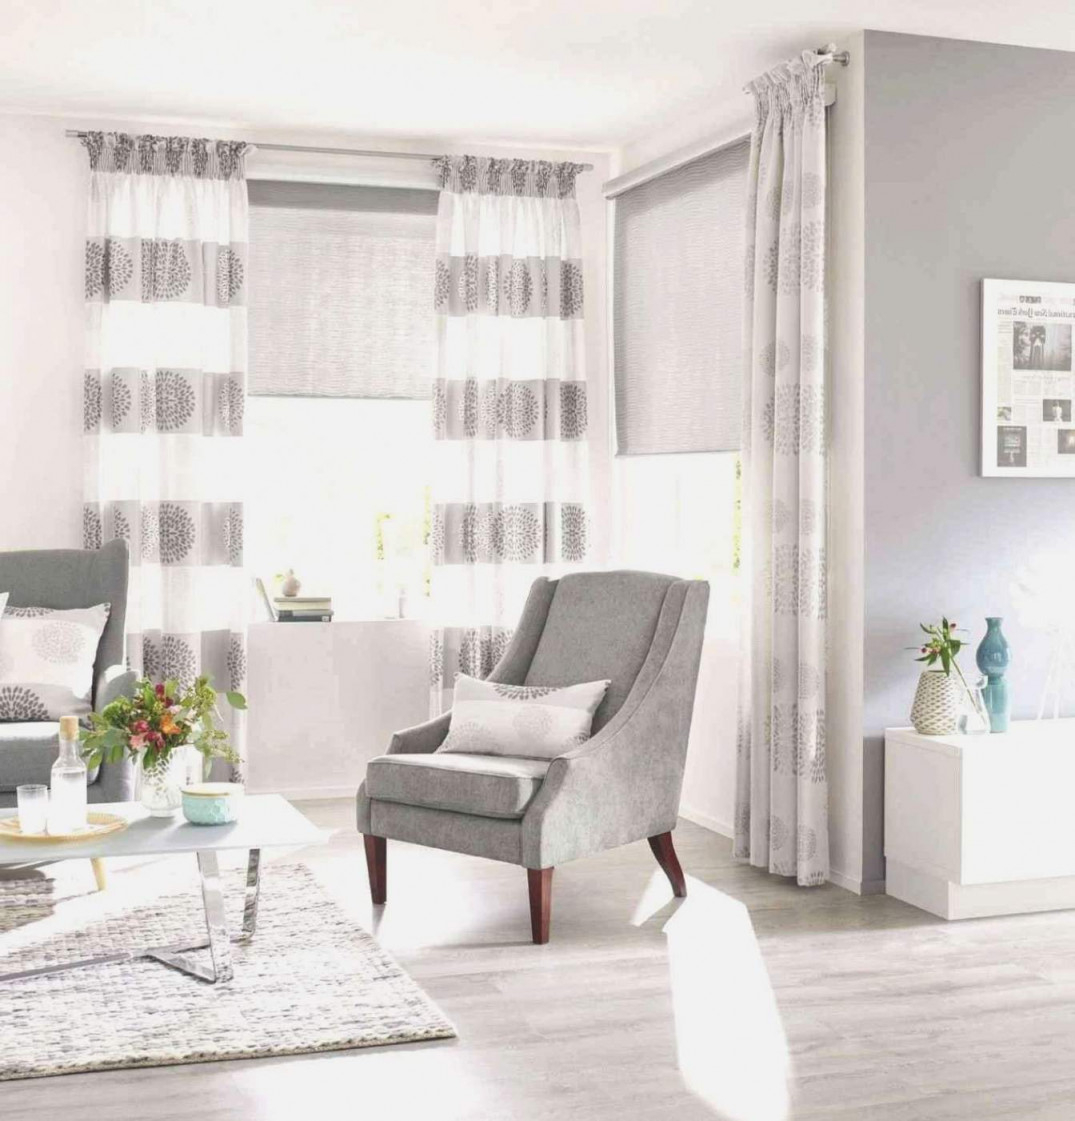 36 Elegant Wohnzimmer Vorhang Einzigartig  Wohnzimmer Frisch von Wohnzimmer Mit Gardinen Bild